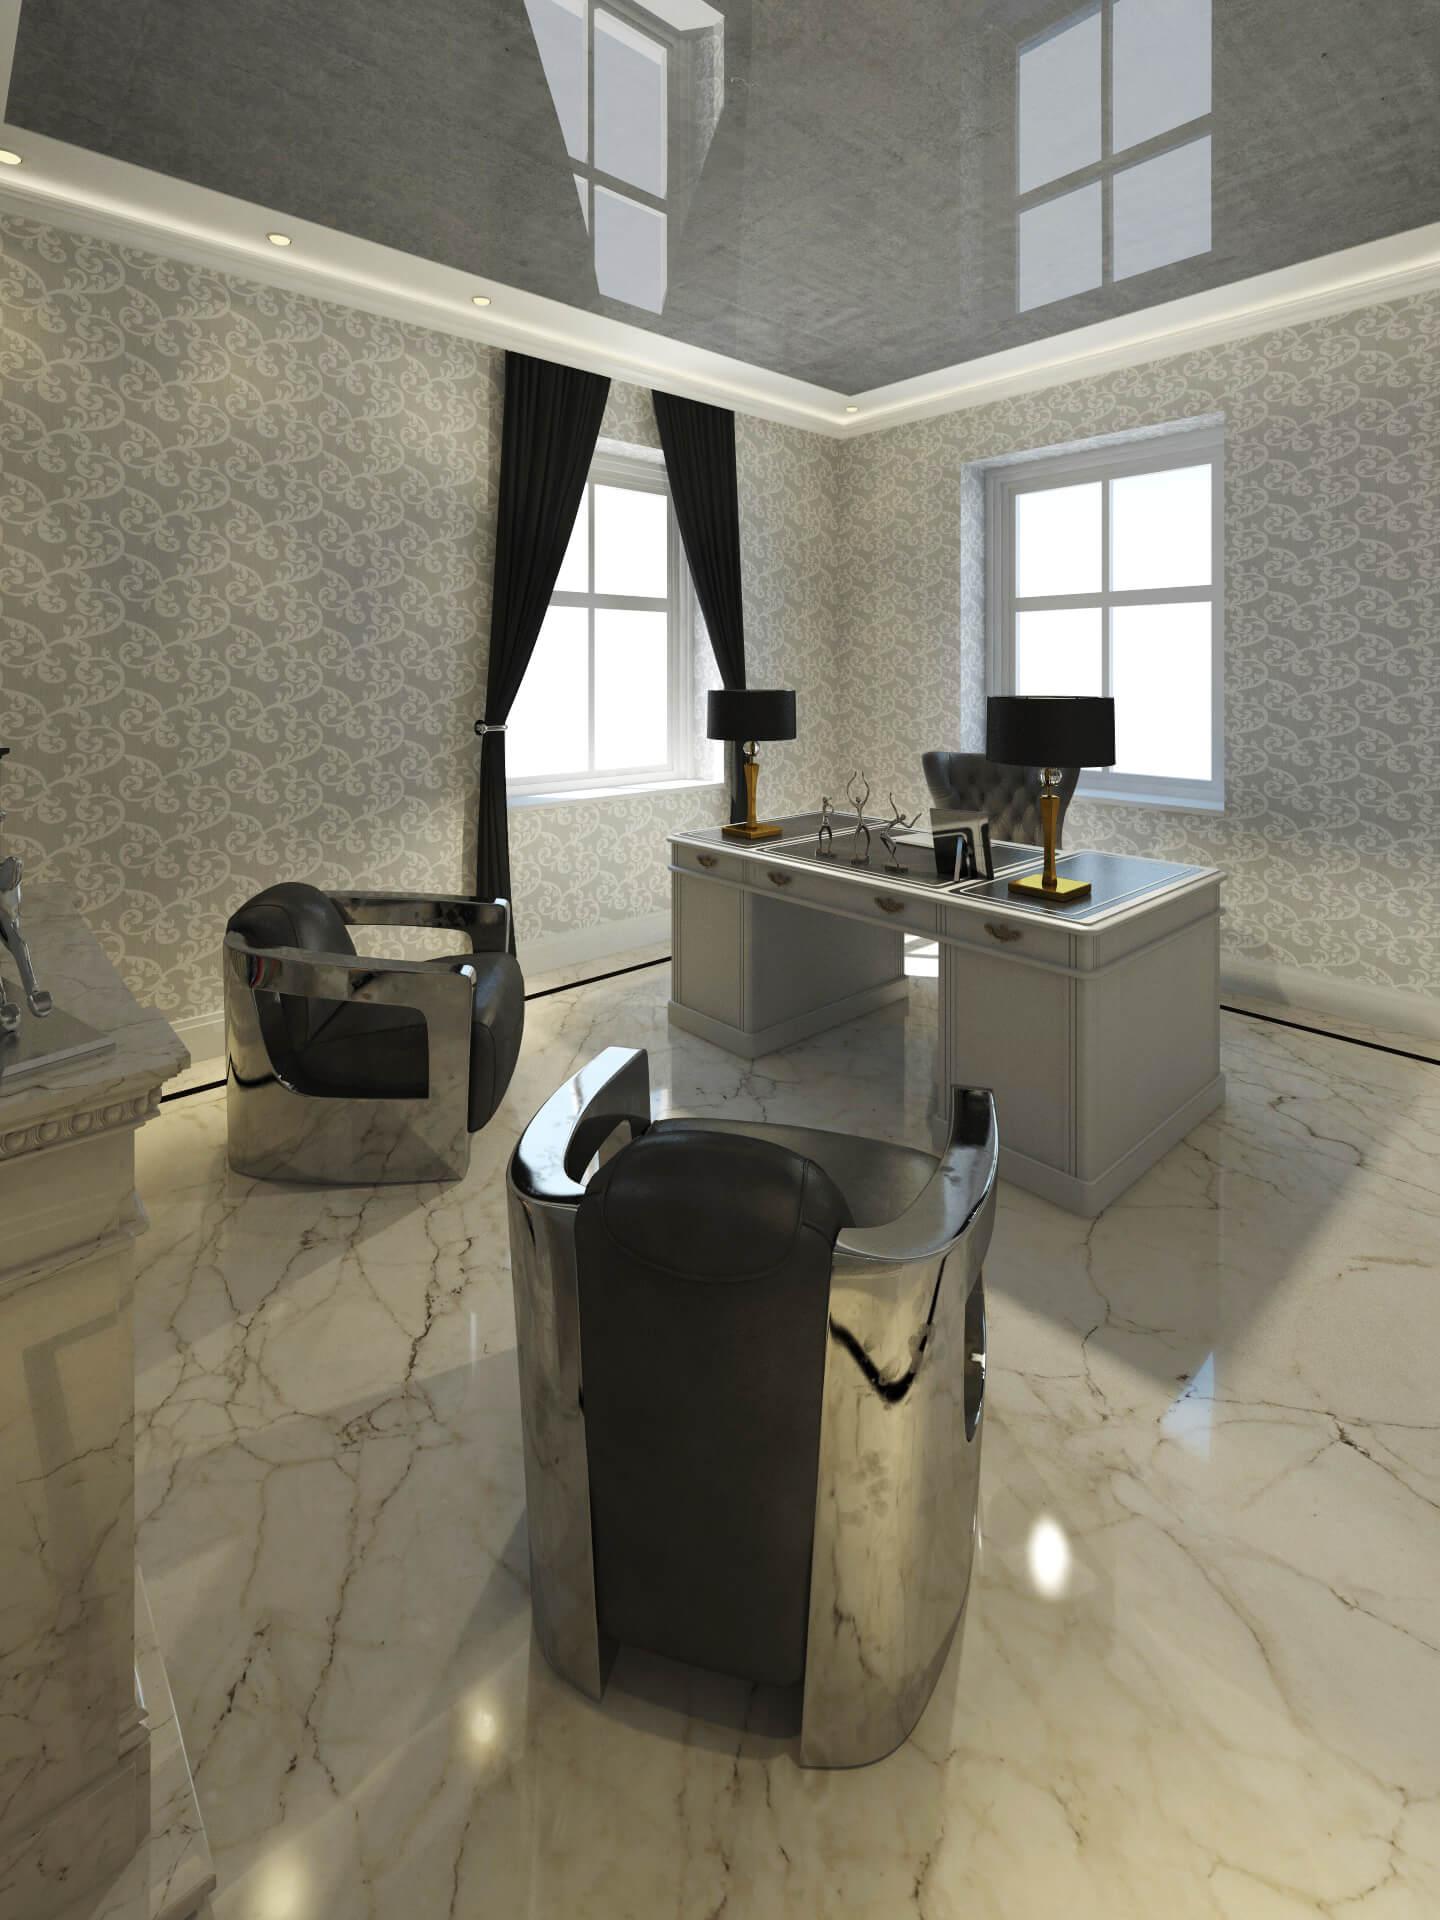 modernes Herrenzimmer Design by Torsten Müller aus Bad Honnef Planung Verkauf Interior Designer (7)